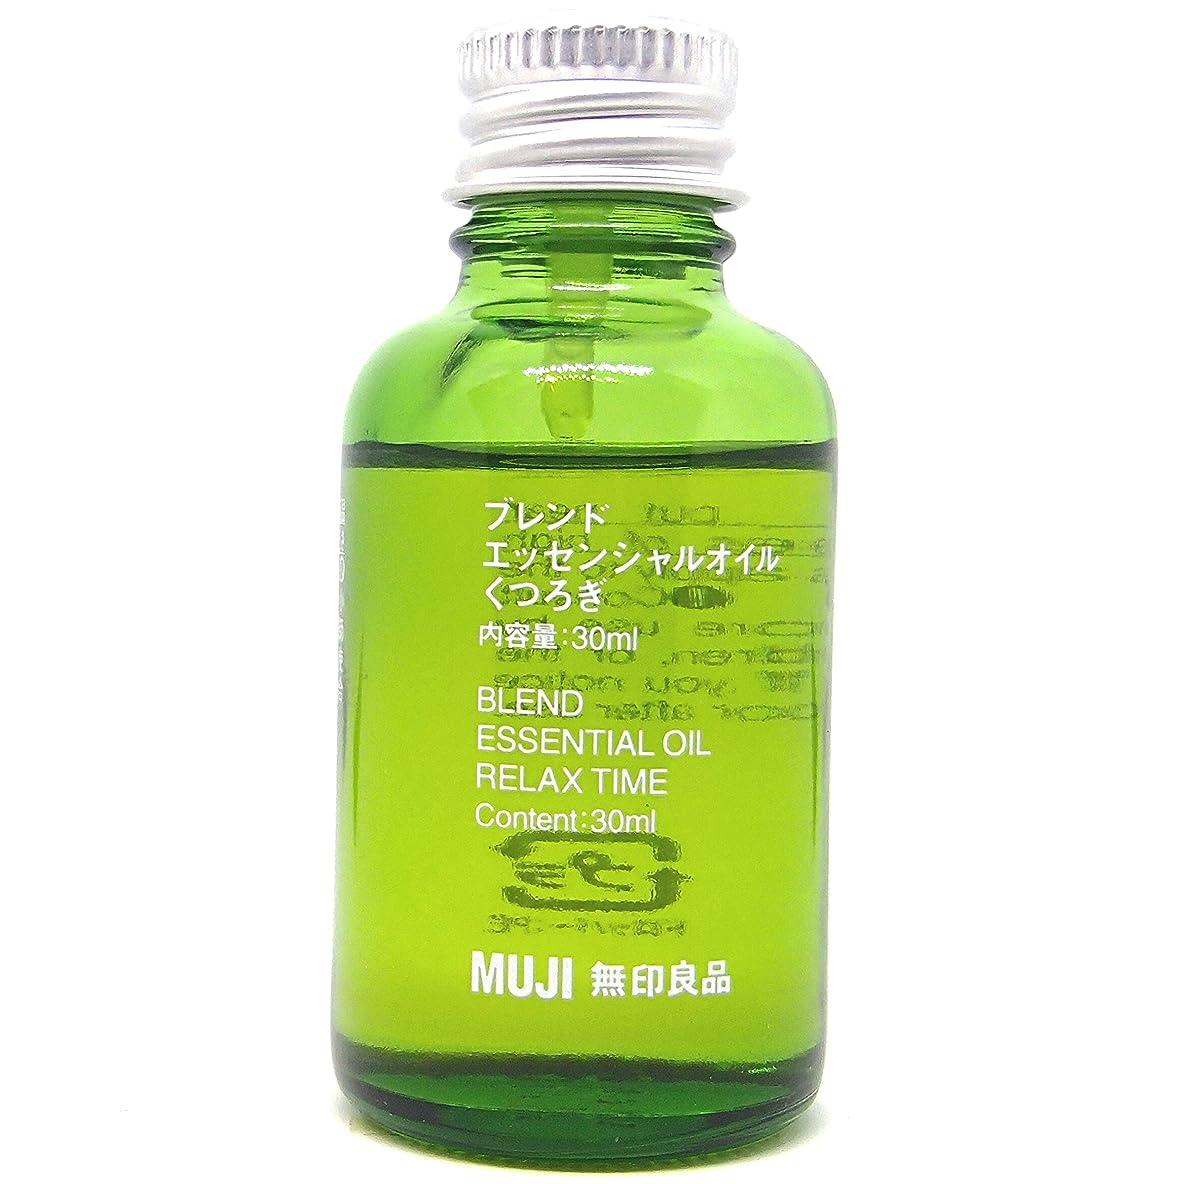 ビルビル責め【無印良品】エッセンシャルオイル30ml(くつろぎ)